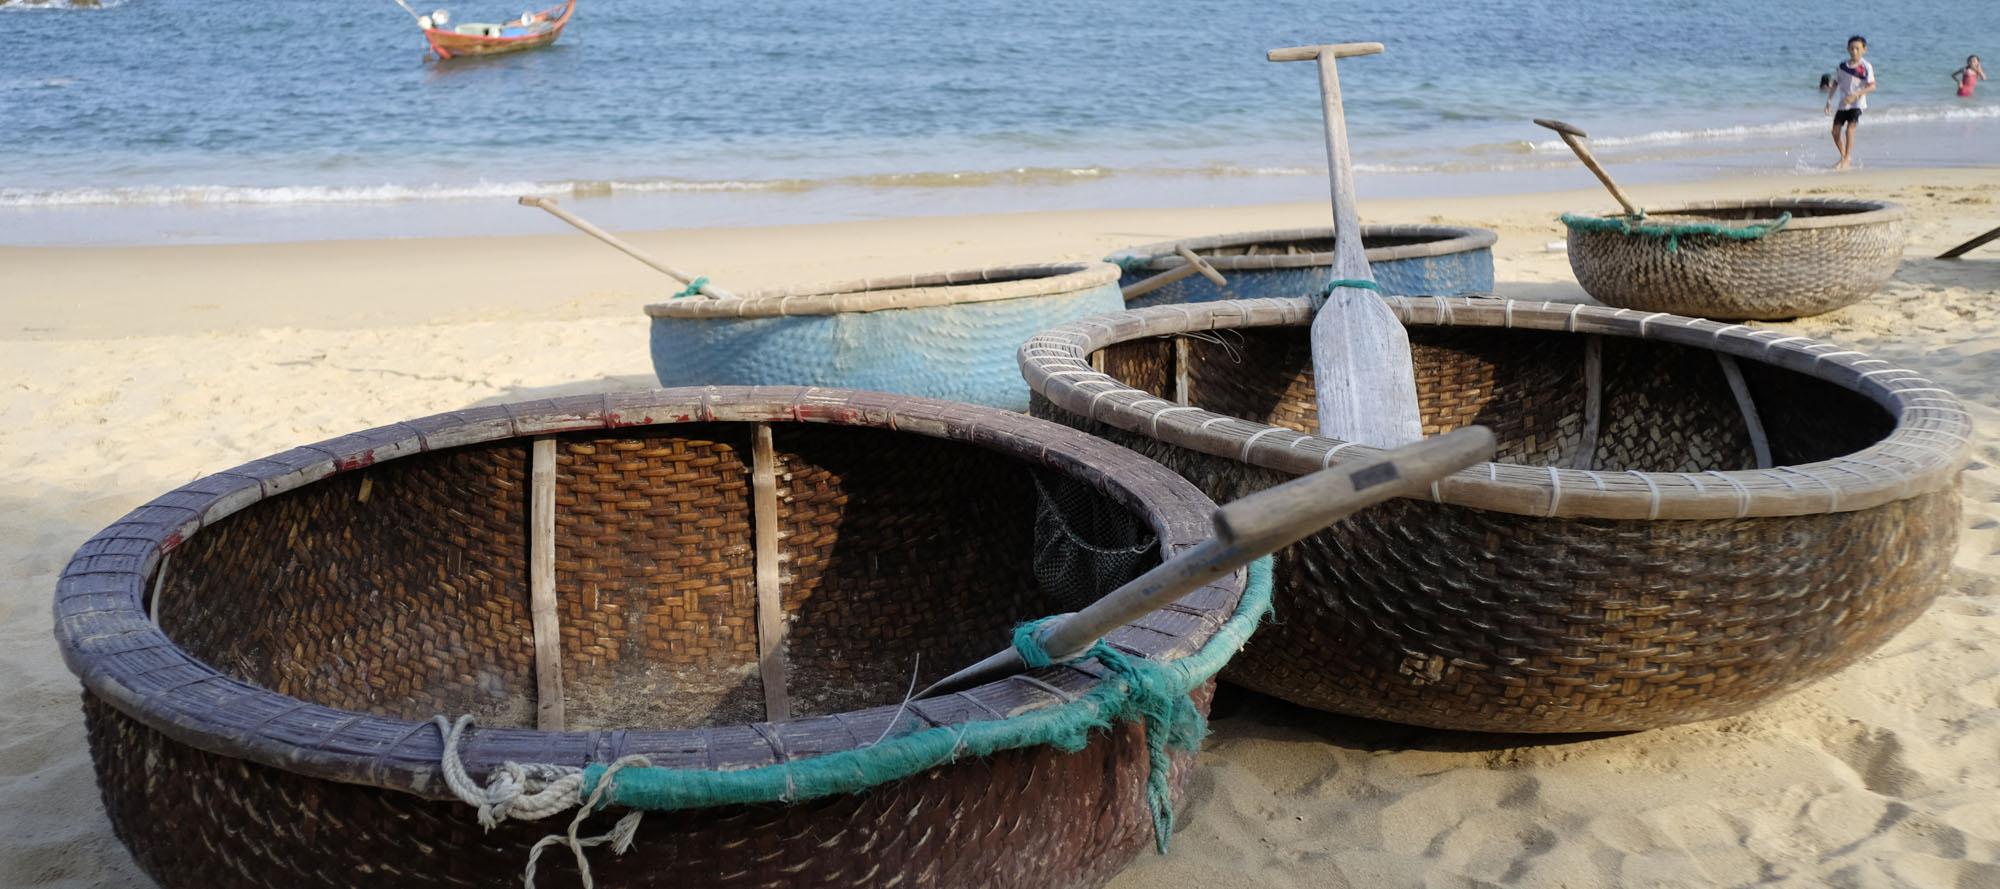 reise-ansichten Rundboote Vietnam